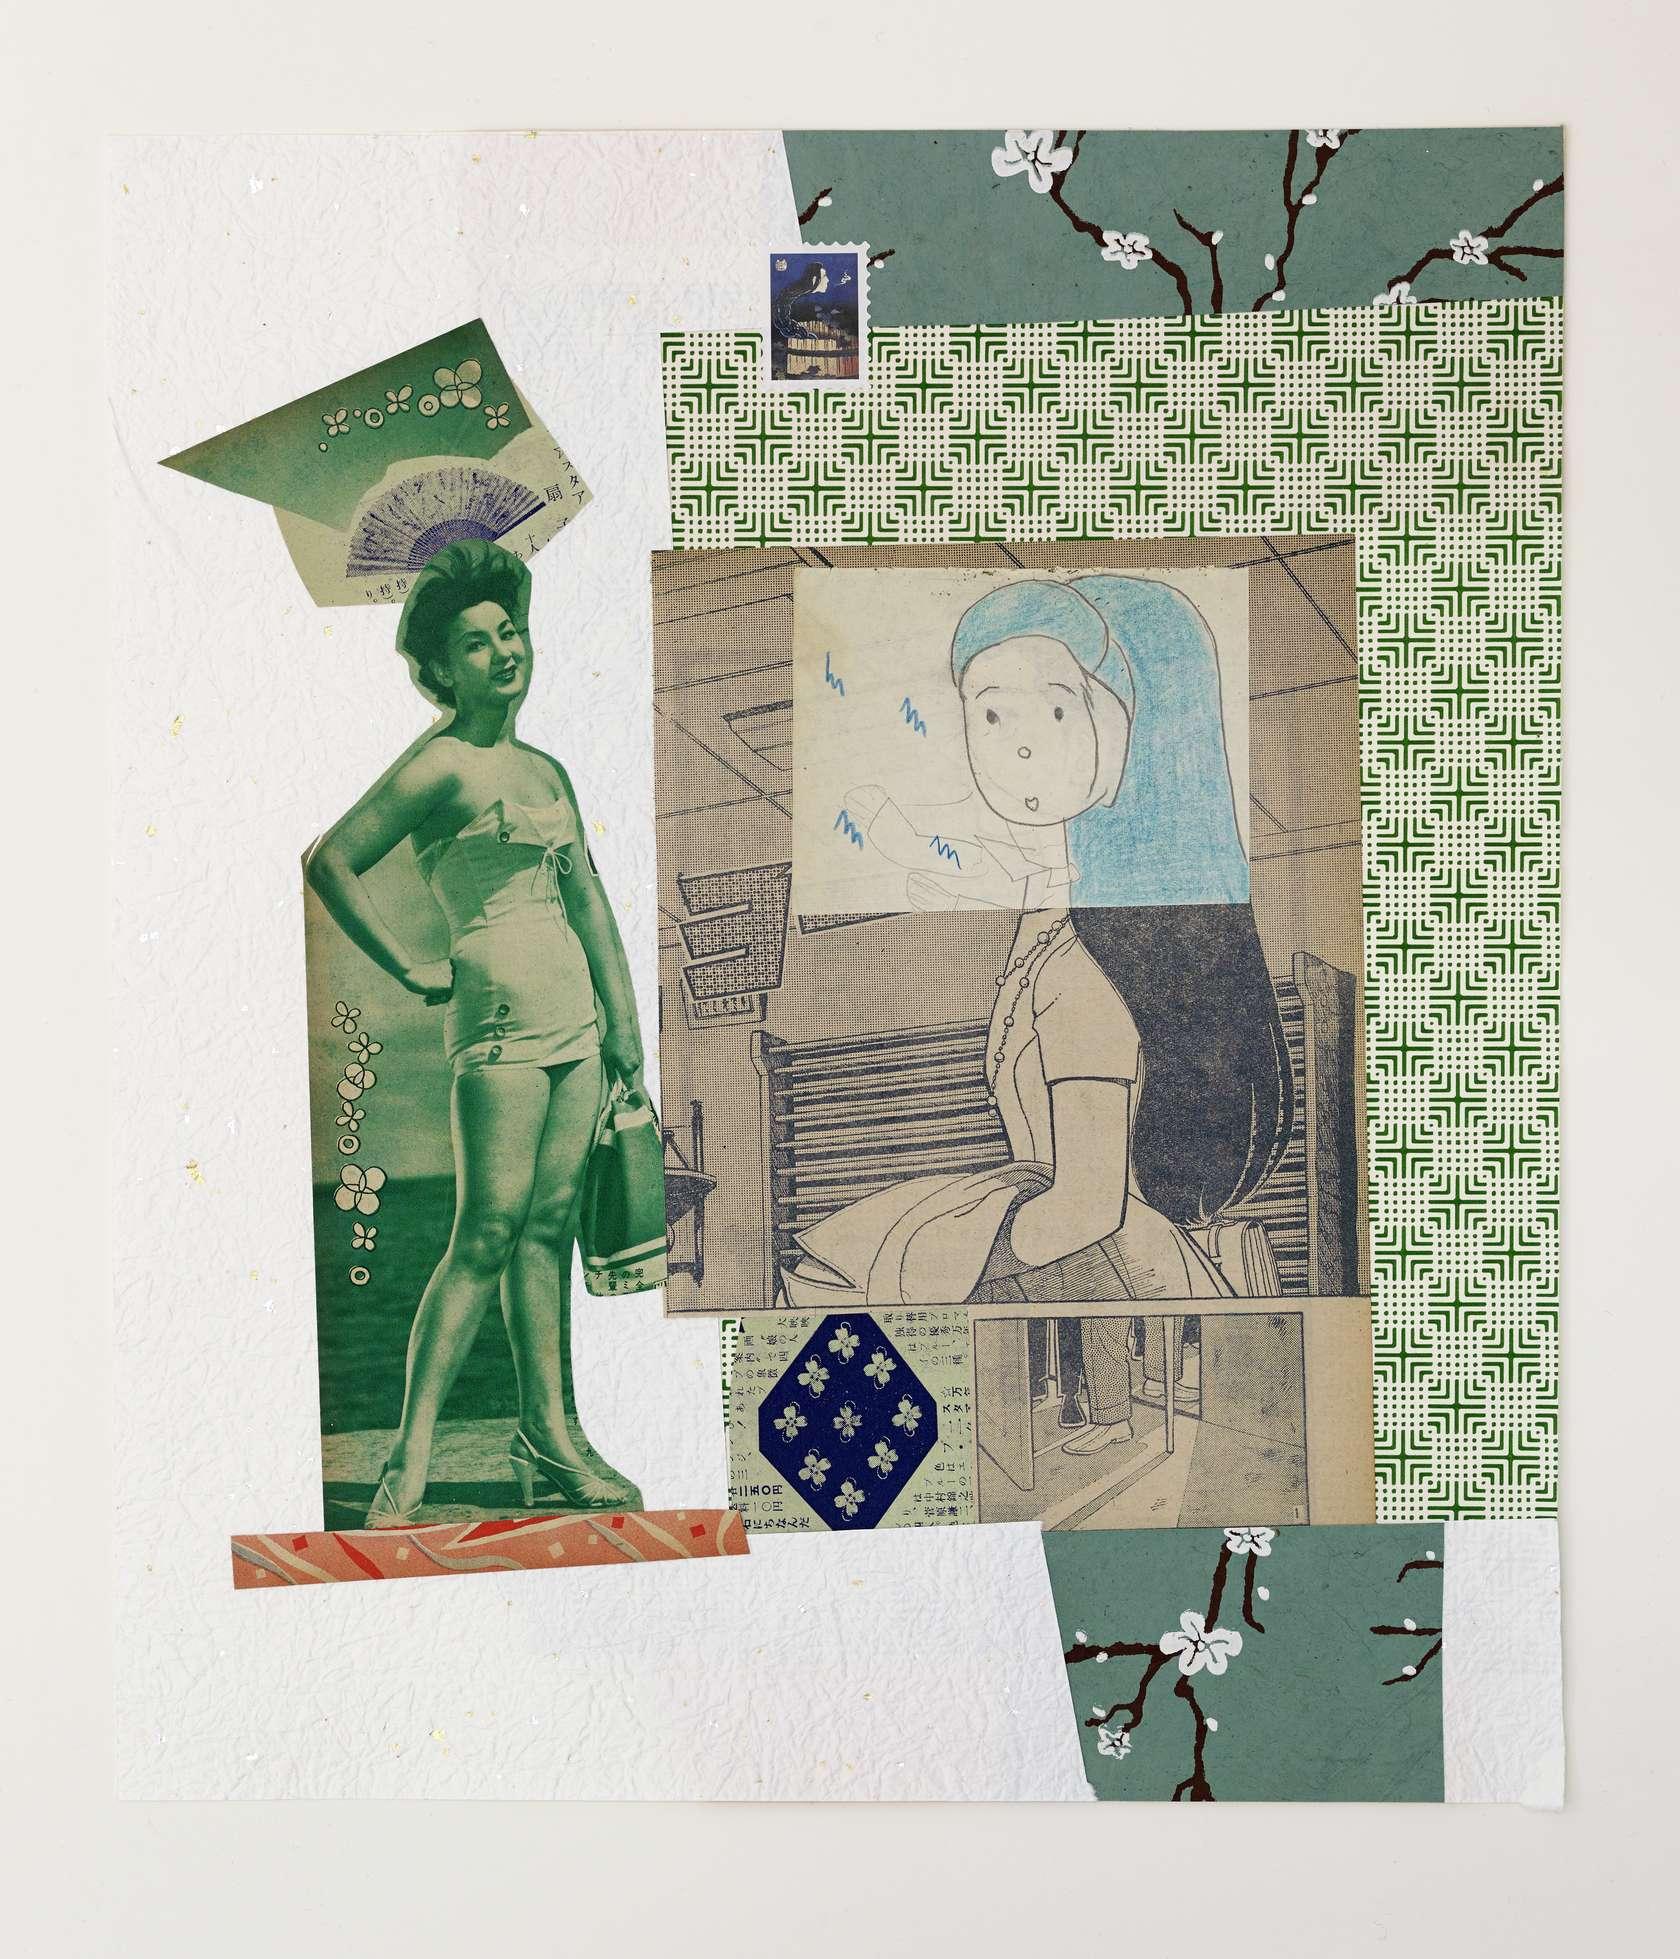 Hippolyte Hentgen, Sanjo Dori, 2019 Collage sur papier41 x 34.5 cm / 16 1/8 x 13 5/8 inches